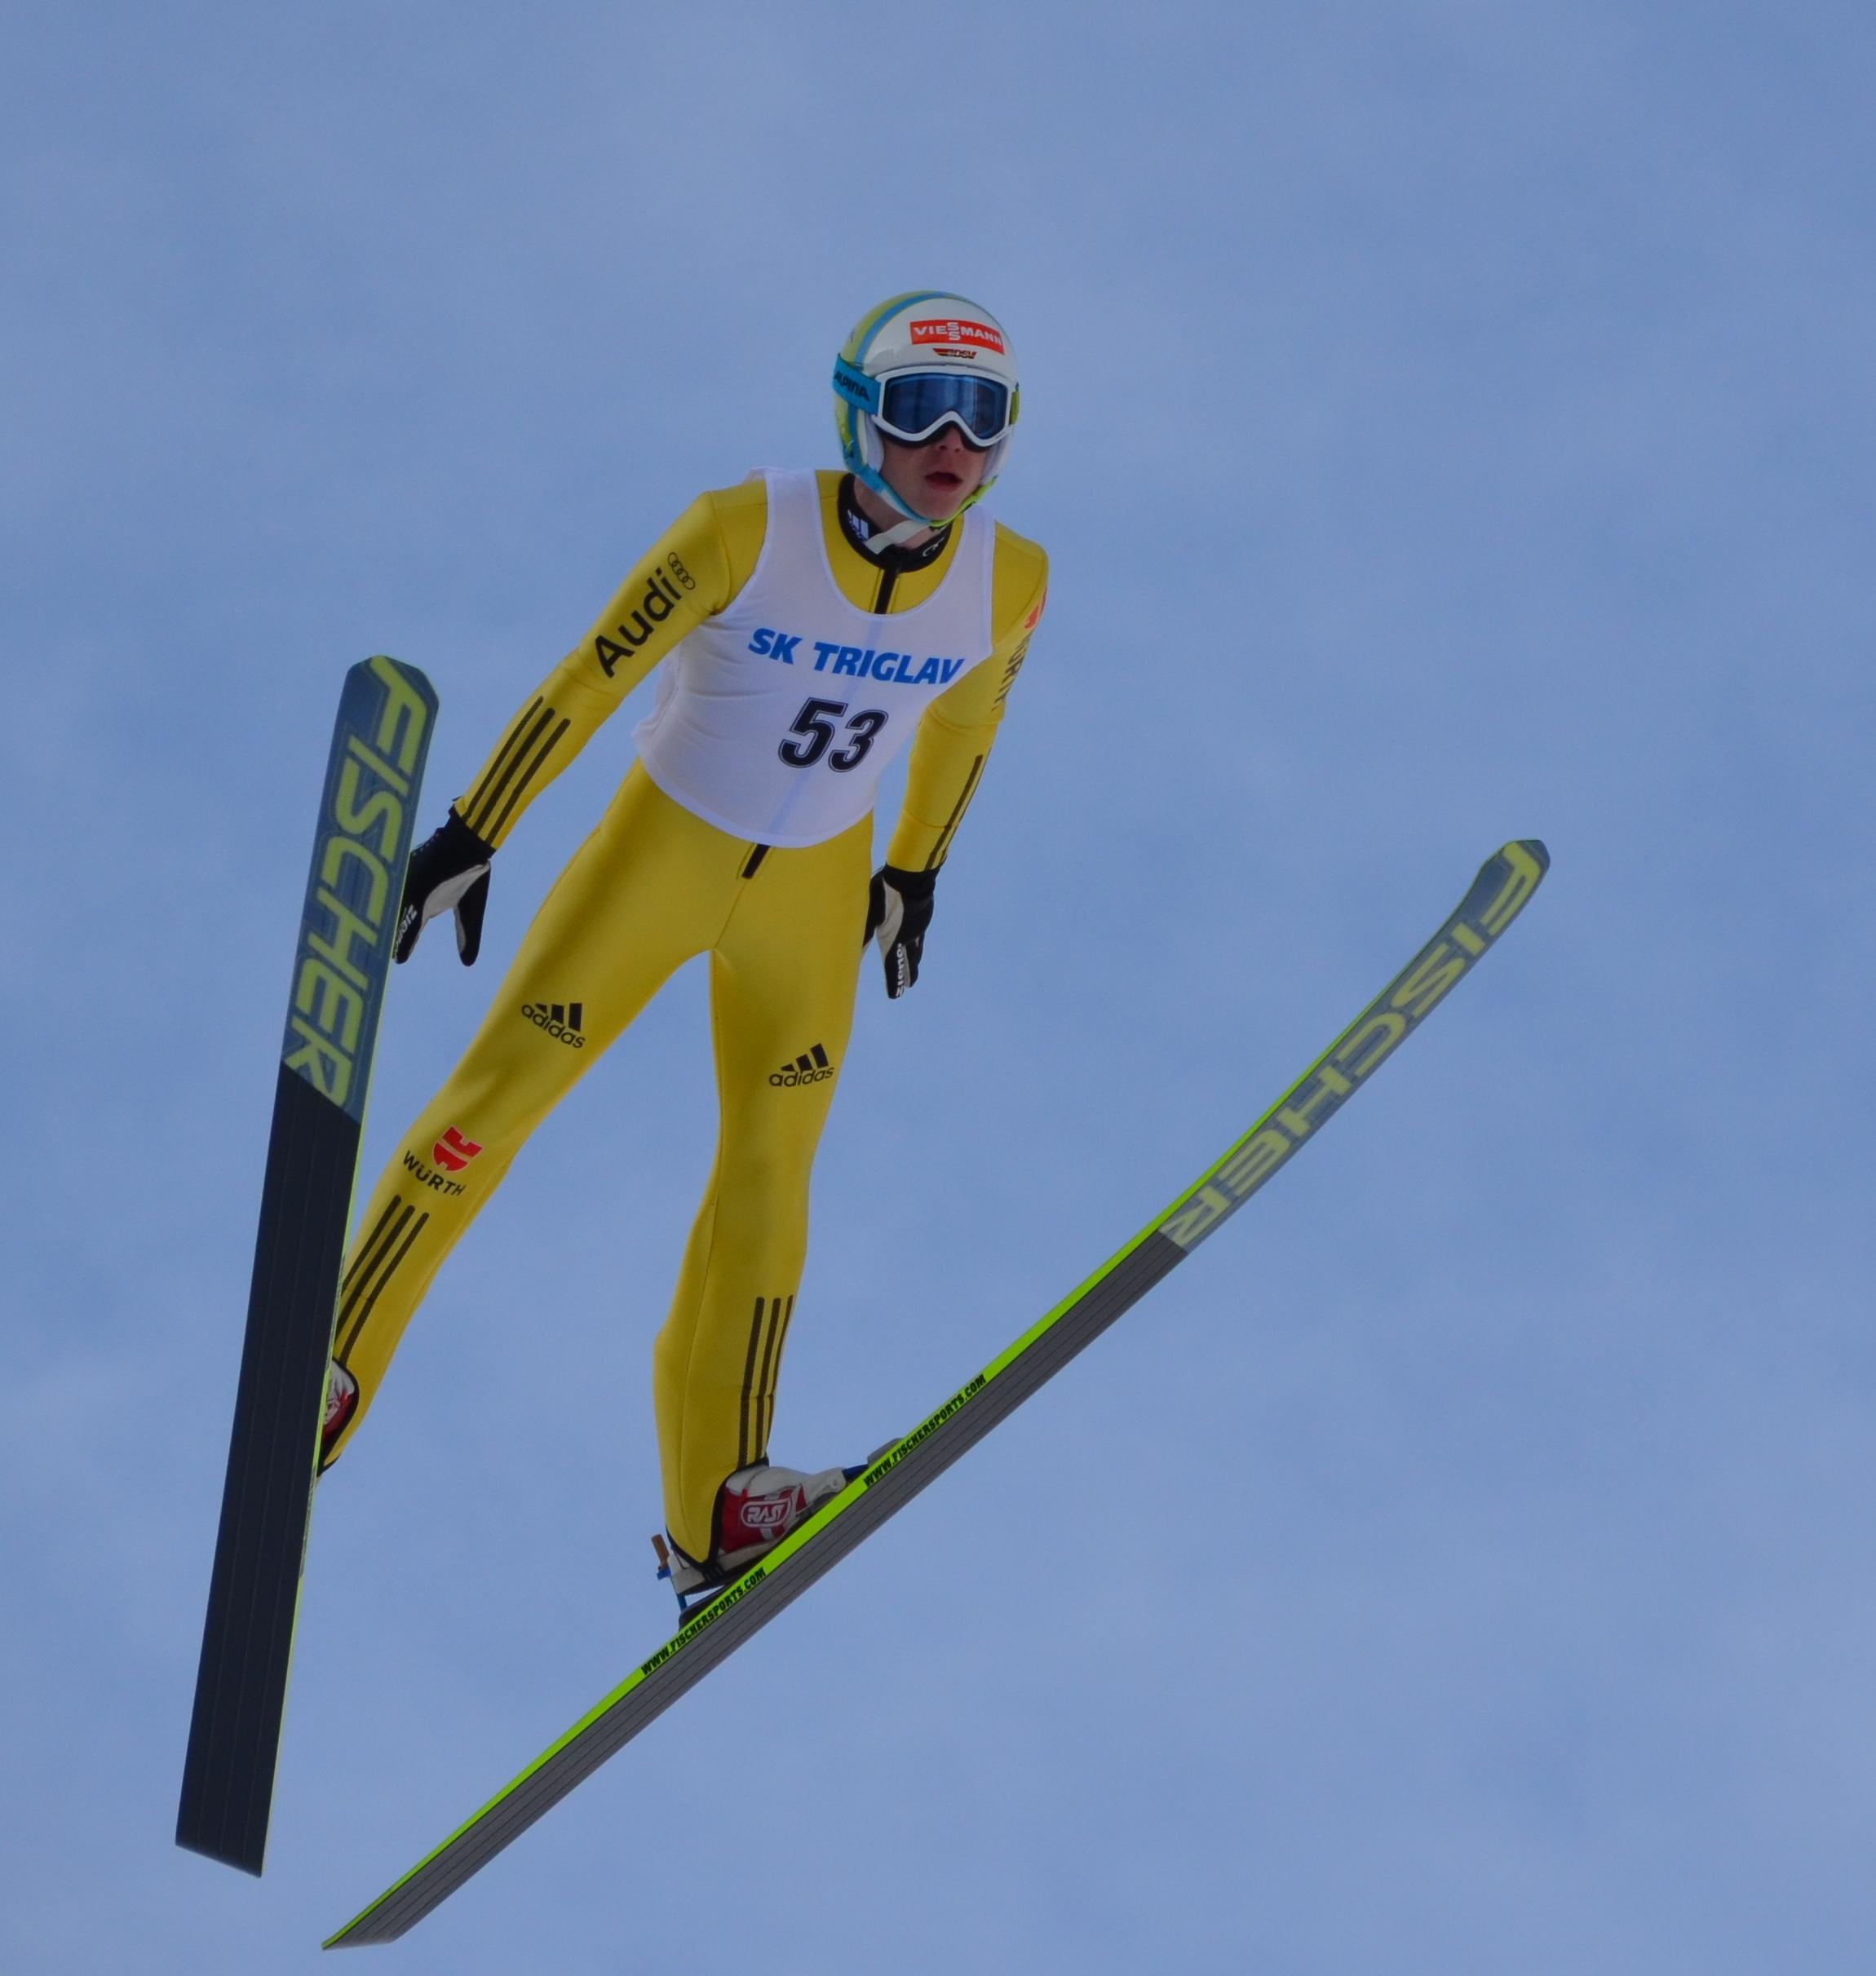 Internationale Klasse bewies Paul Hanf vor allem beim Springen. In der Loipe hatteder 17-Jährige aber die erwarteten Schwierigkeiten, sich gegen die körperlichüberlegenen Weltklasseathleten zu behaupten.